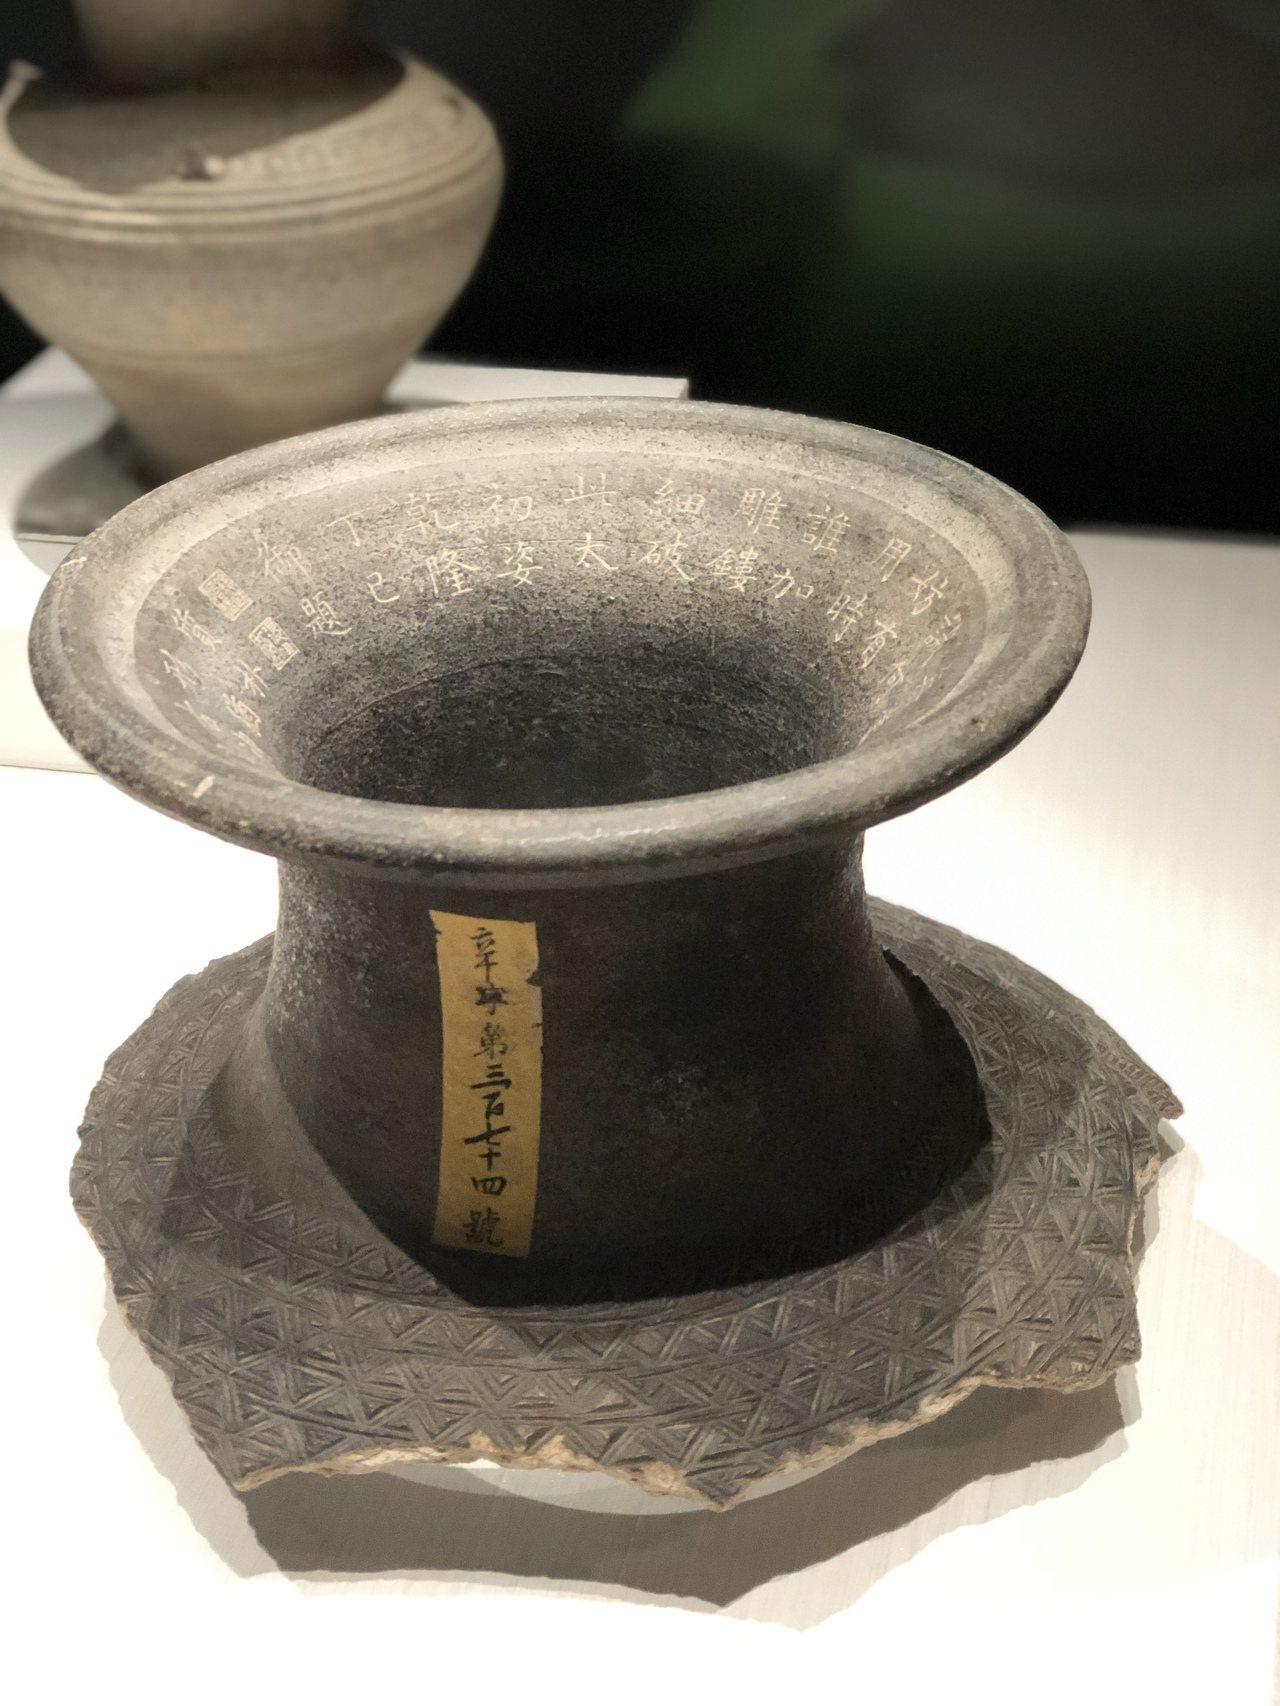 清乾隆皇以為這件推測製於15至17世紀的泰國陶器是夏商周之前遺物,刻下感懷詩句,...